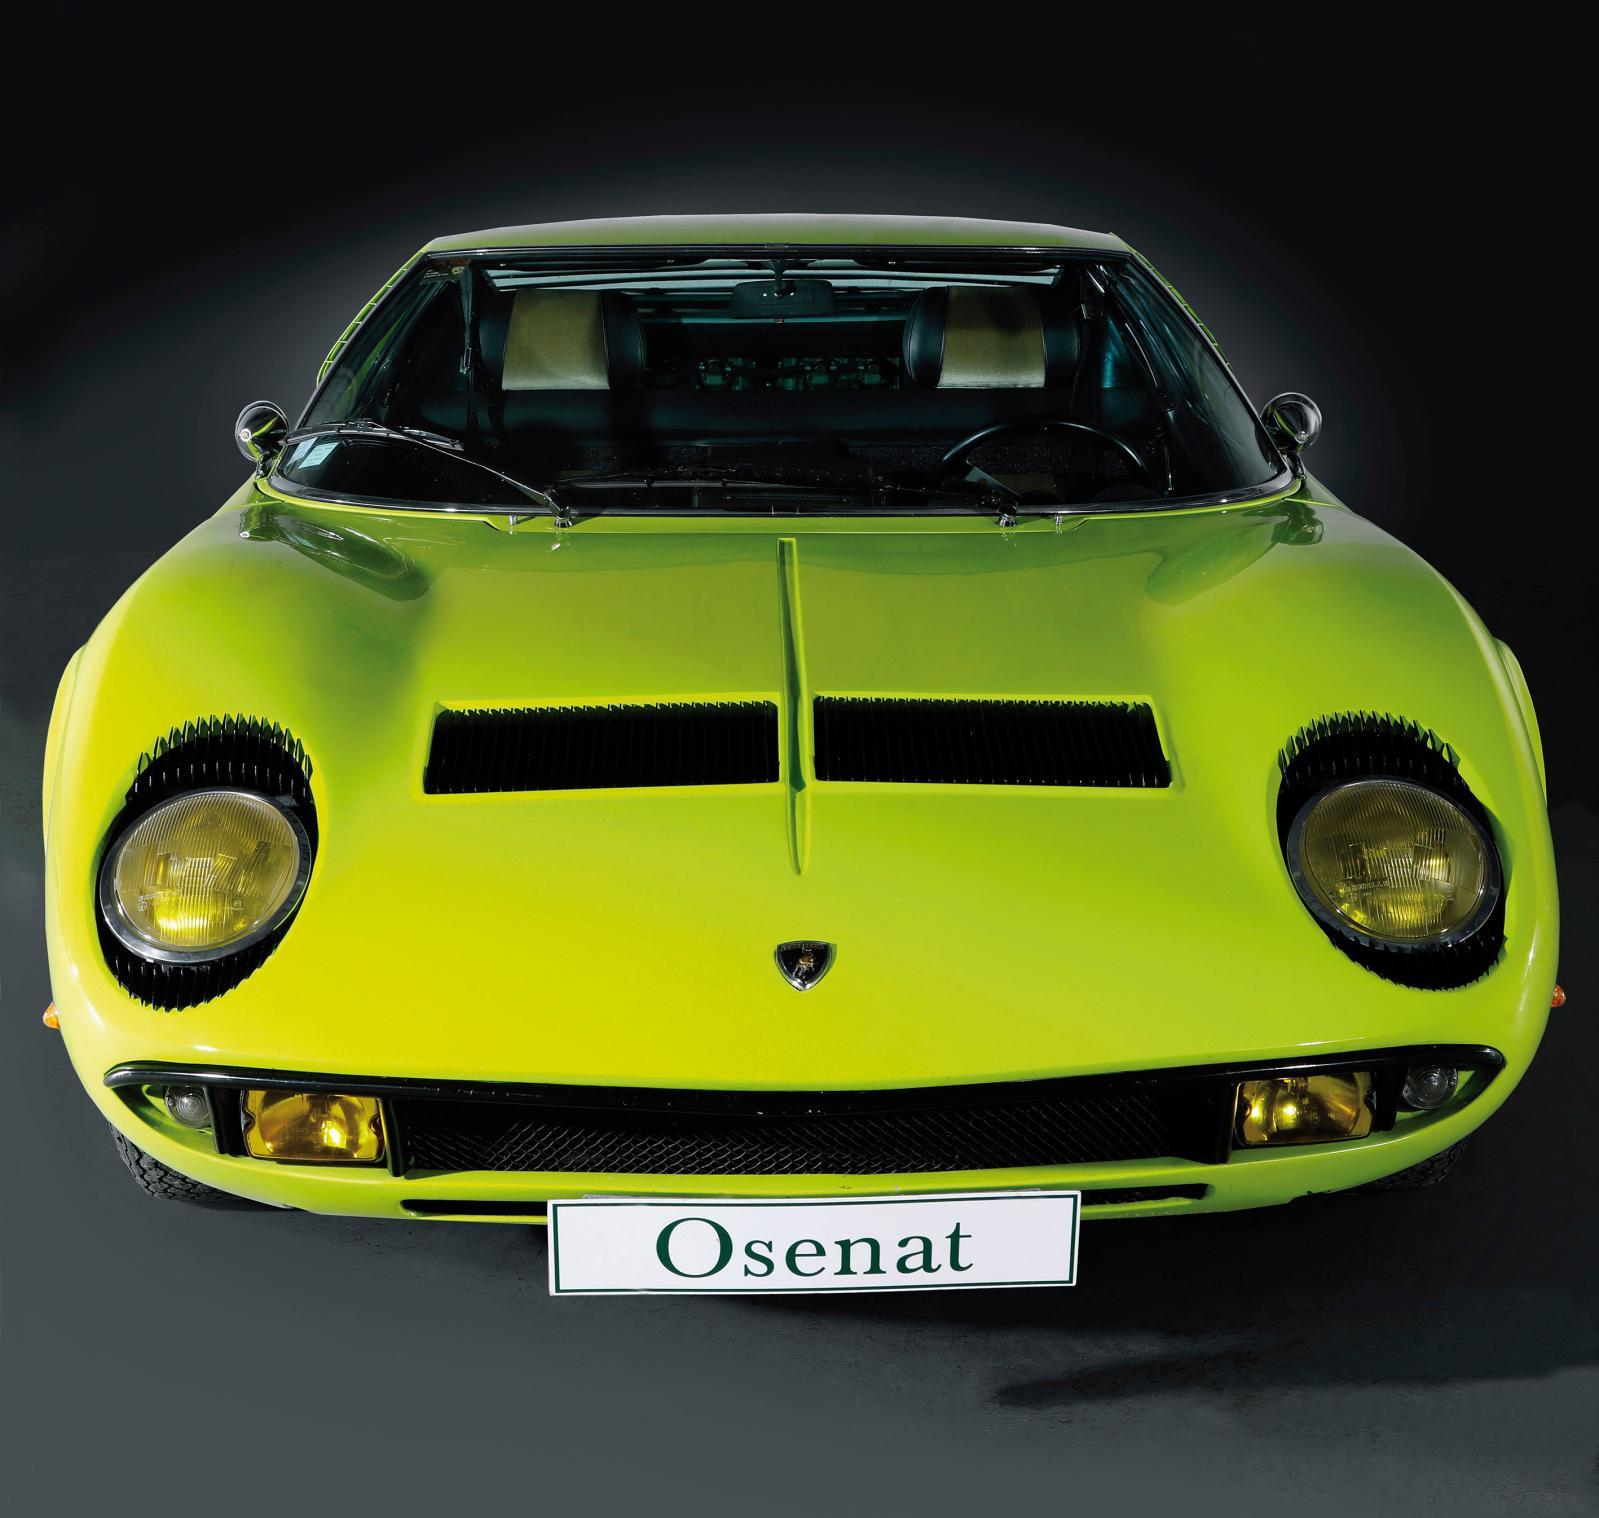 1969, Lamborghini Miura P400 S, chassis4332, numéro de production435, numéro Bertone535, moteur30443Estimation: 700000/1000000€